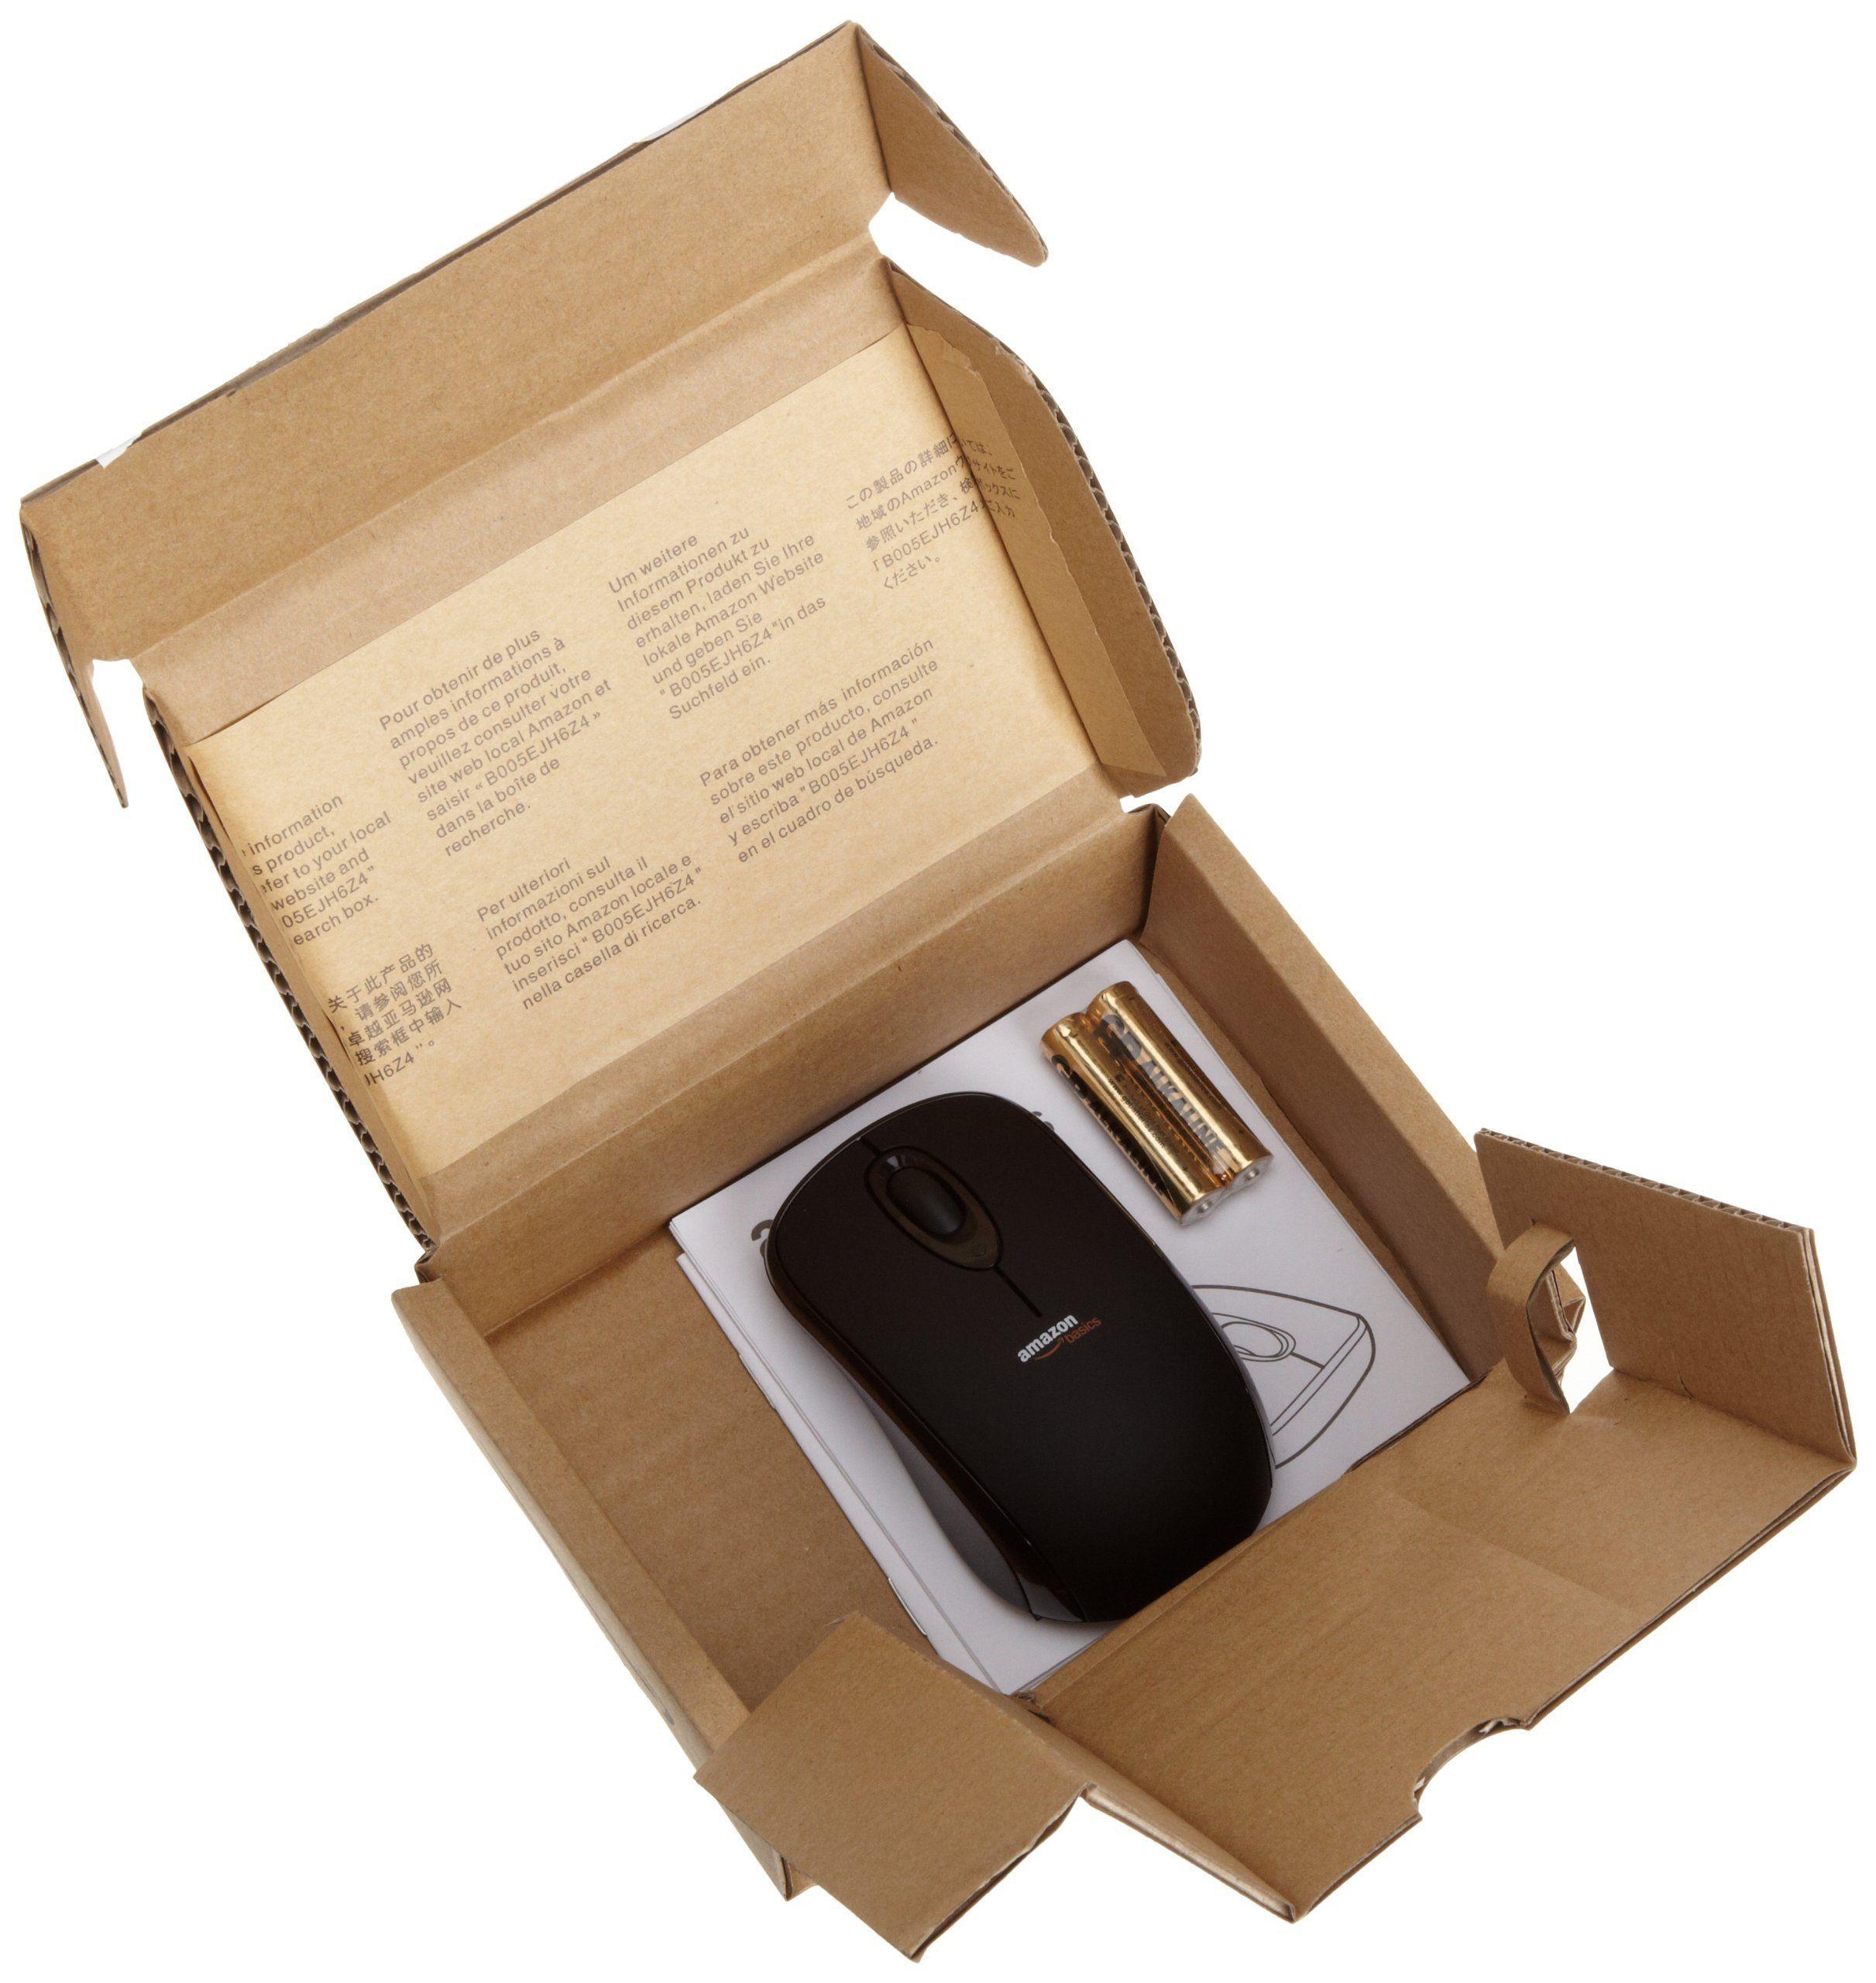 731442d623e AmazonBasics Wireless Mouse with Nano Receiver,#Wireless, #AmazonBasics, # Mouse, #Receiver